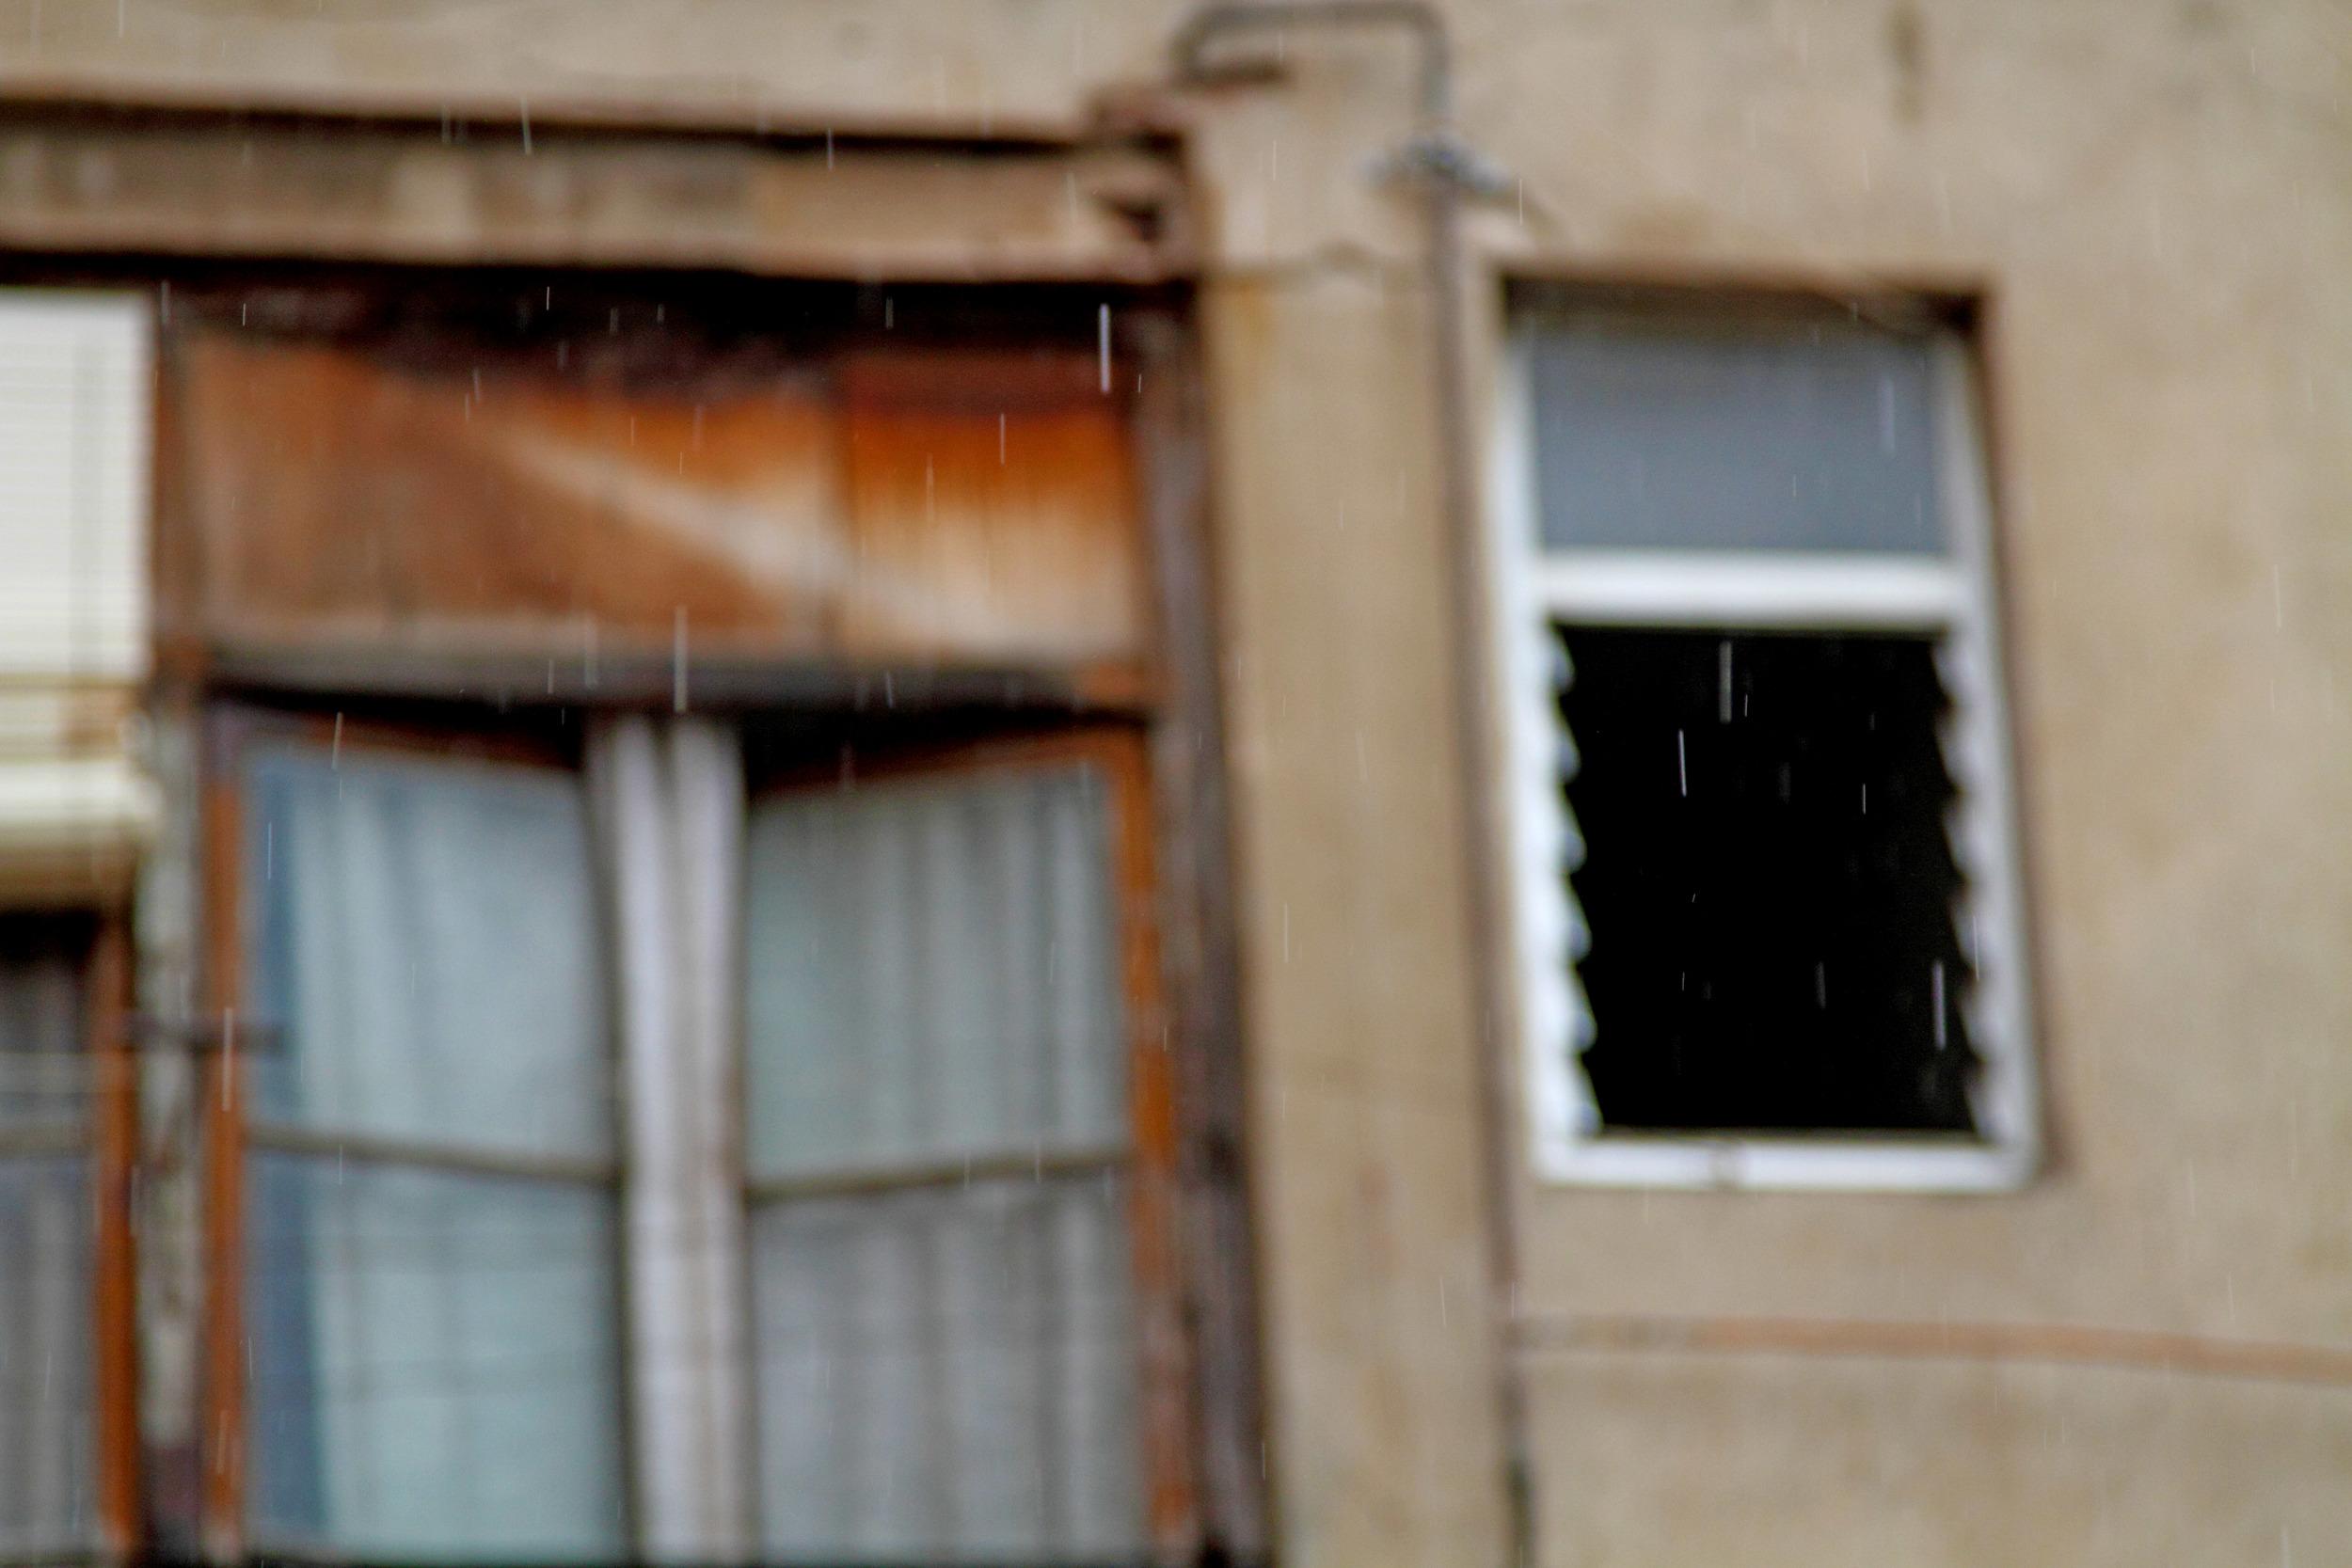 RAIN_BCN APT PHOTOS 11.jpg